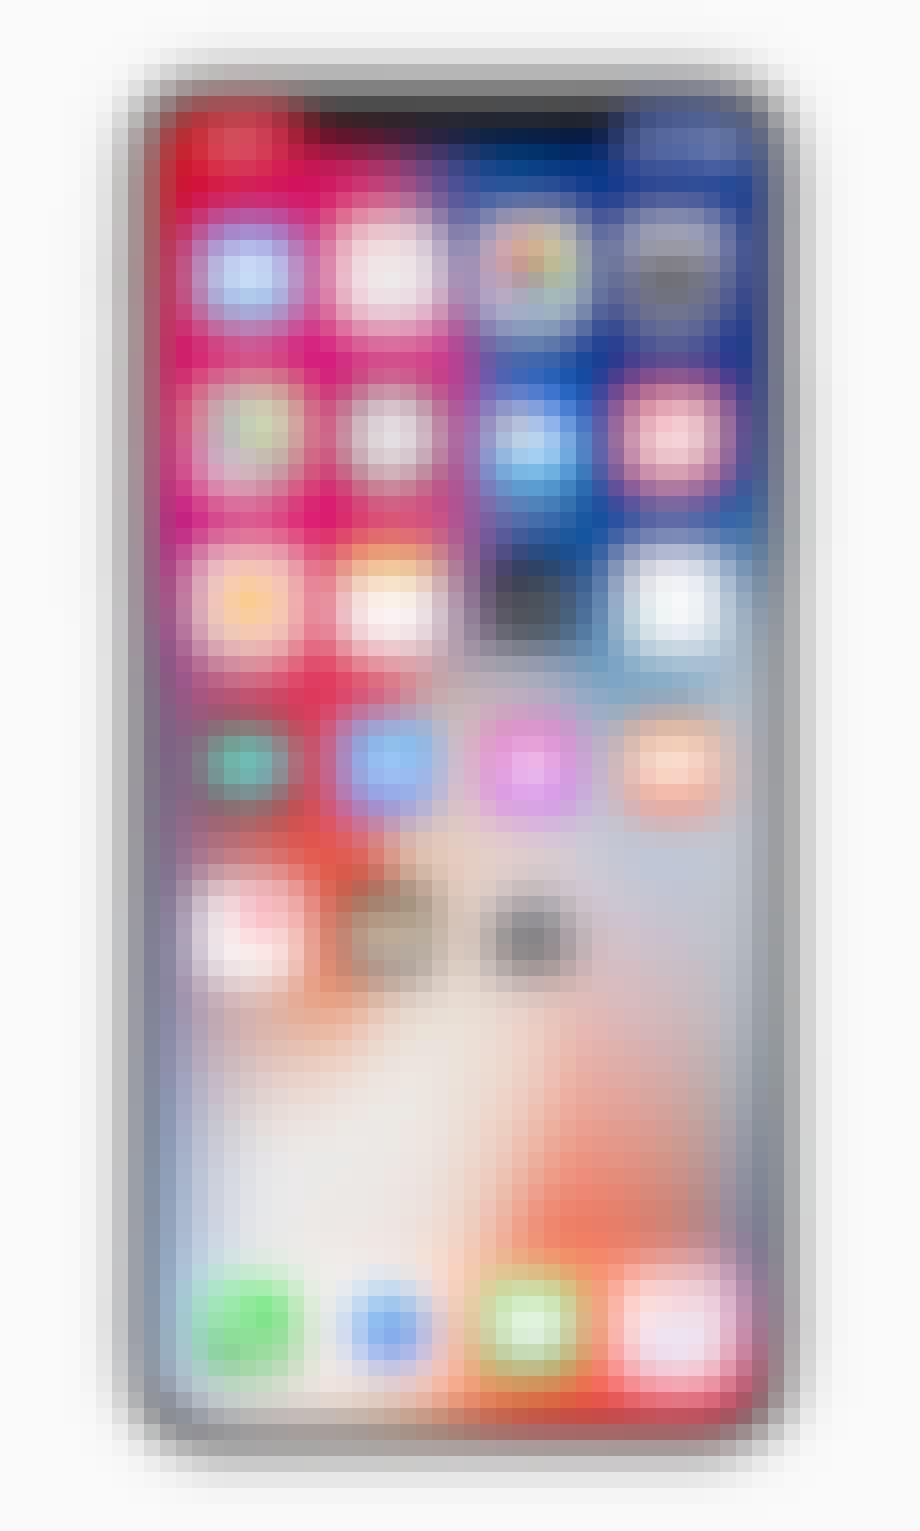 Apple iPhone x pris